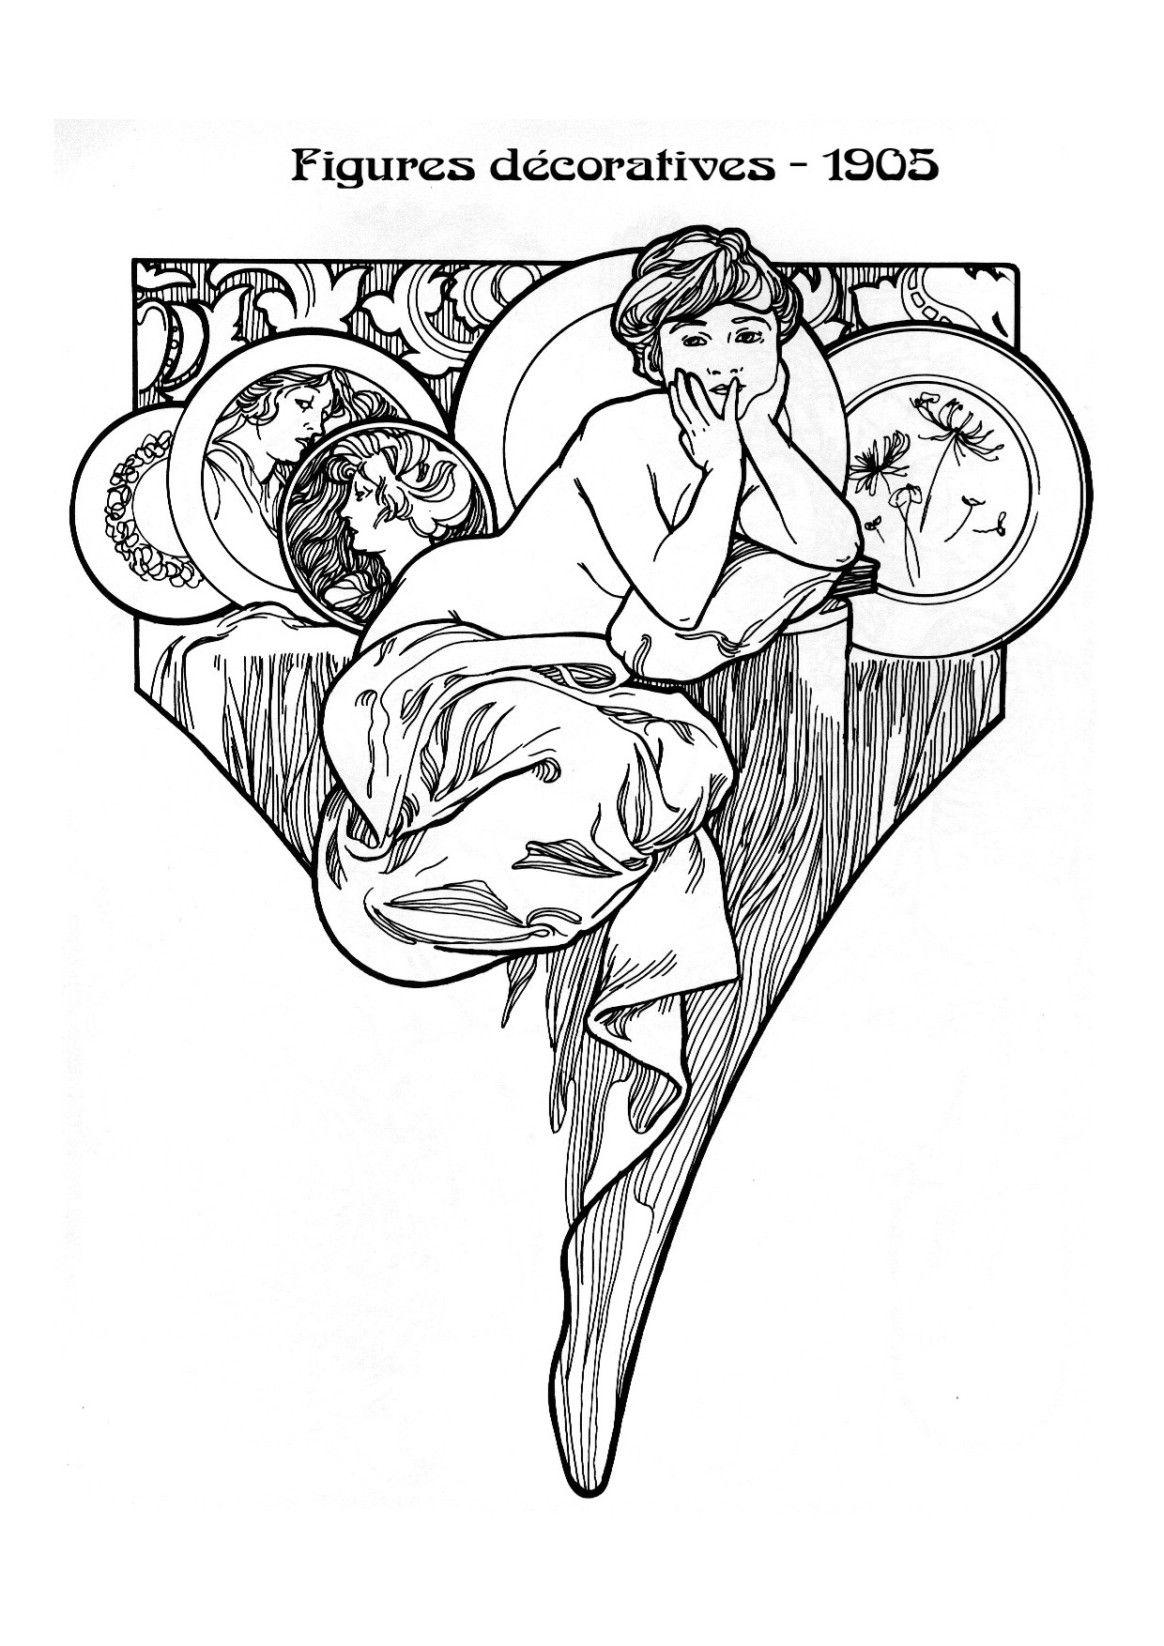 kleurplaat naar alfons mucha colouring picture amucha like figures decoratives 1905